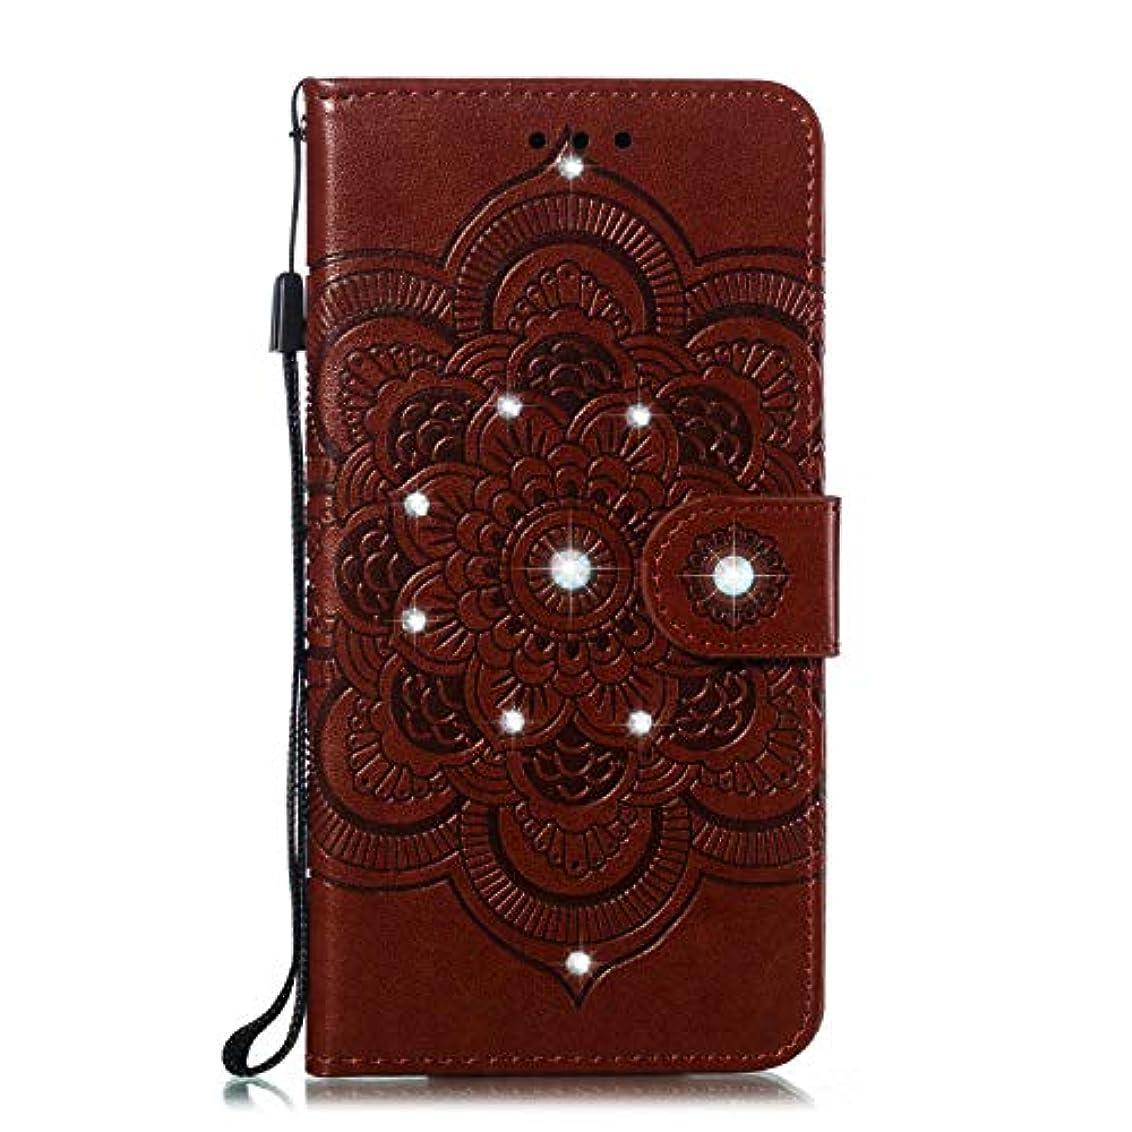 白鳥膨張する違うOMATENTI Huawei Honor 10 ケース 手帳型 かわいい レディース用 合皮PUレザー 財布型 保護ケース ザー カード収納 スタンド 機能 マグネット 人気 高品質 ダイヤモンドの輝き マンダラのエンボス加工 ケース, 褐色